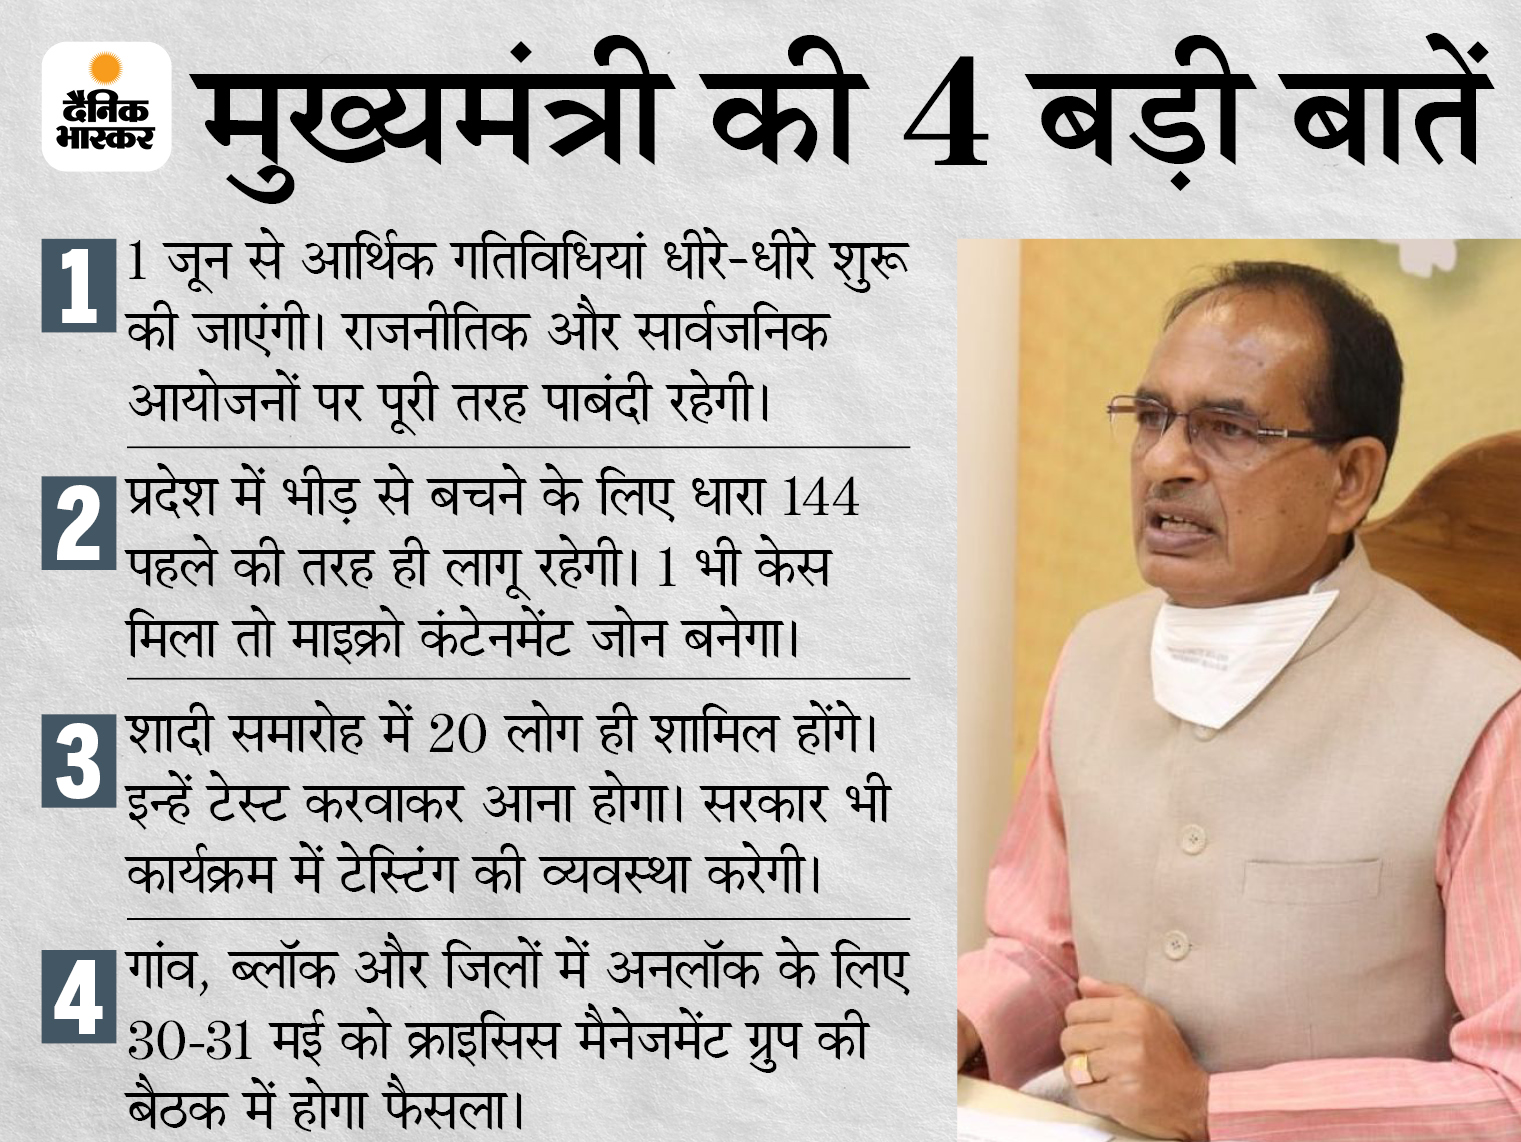 आर्थिक गतिविधियां शुरू होंगी, प्रदेश में धारा-144 लागू रहेगी; शादी समारोह में 20 लोगों को ही अनुमति, वहीं होगा कोरोना टेस्ट मध्य प्रदेश,Madhya Pradesh - Dainik Bhaskar